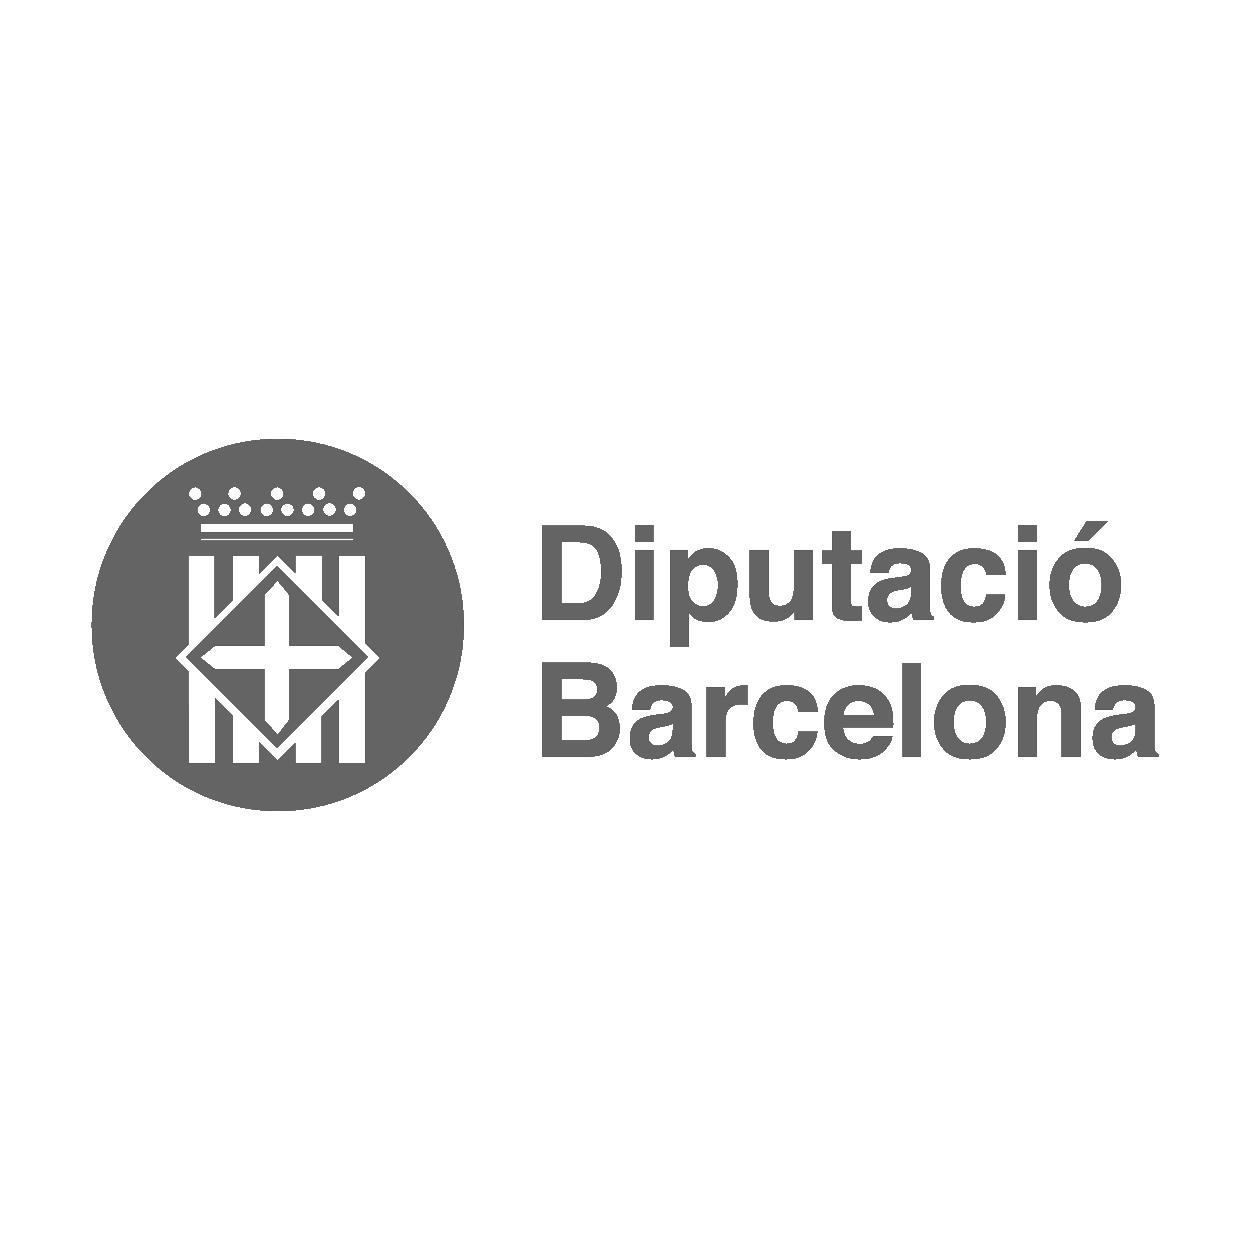 logo_Diputacio_BCN.png